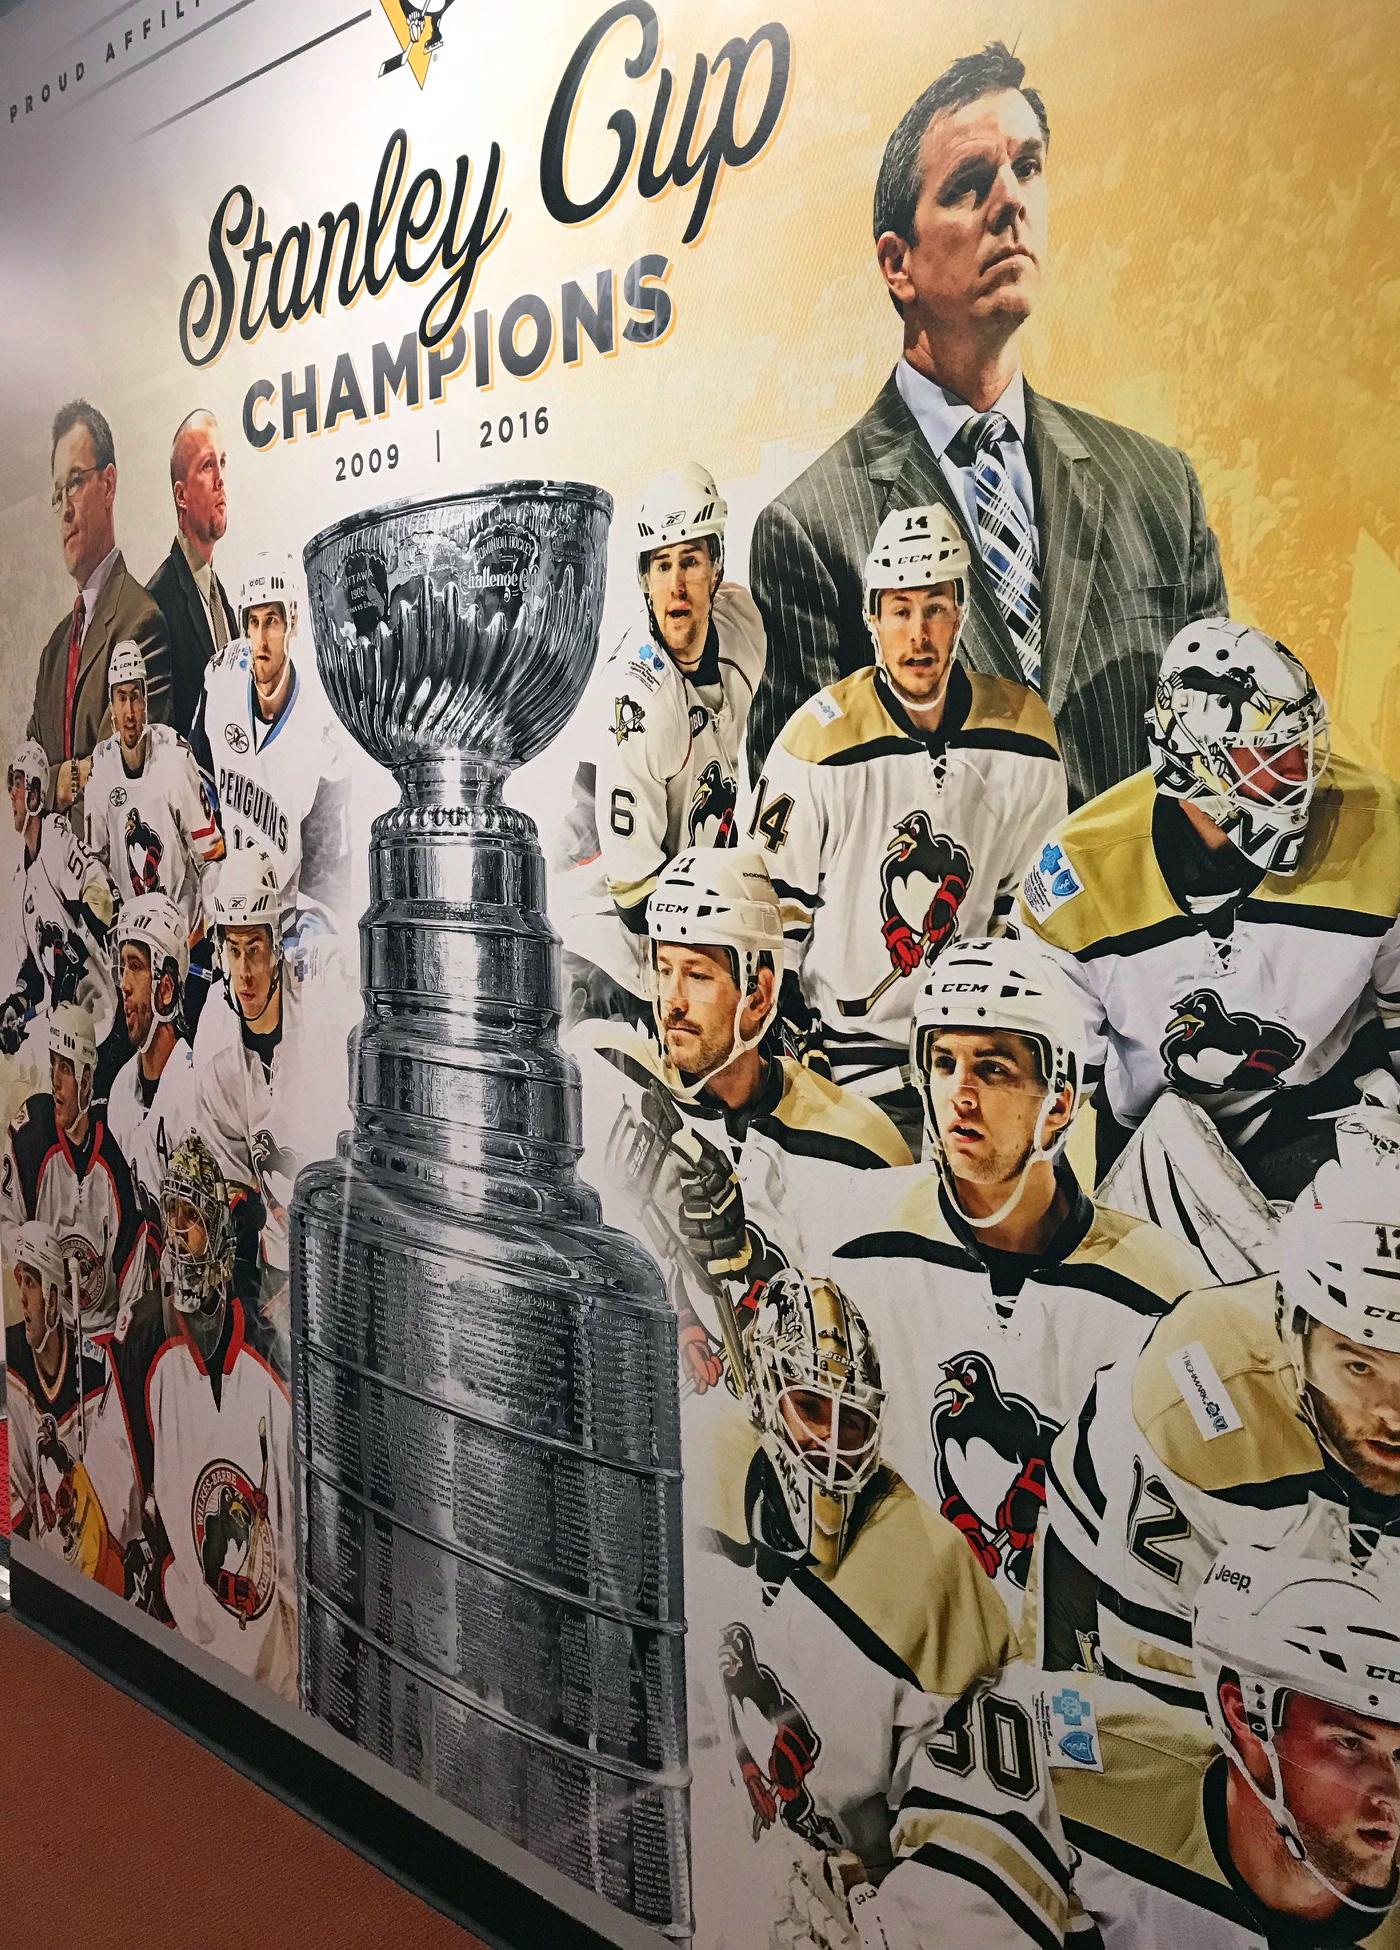 hockey wbs penguins stanley cup Mural Pittsburgh Penguins penguins NHL Stanley Cup Champions fleury AHL